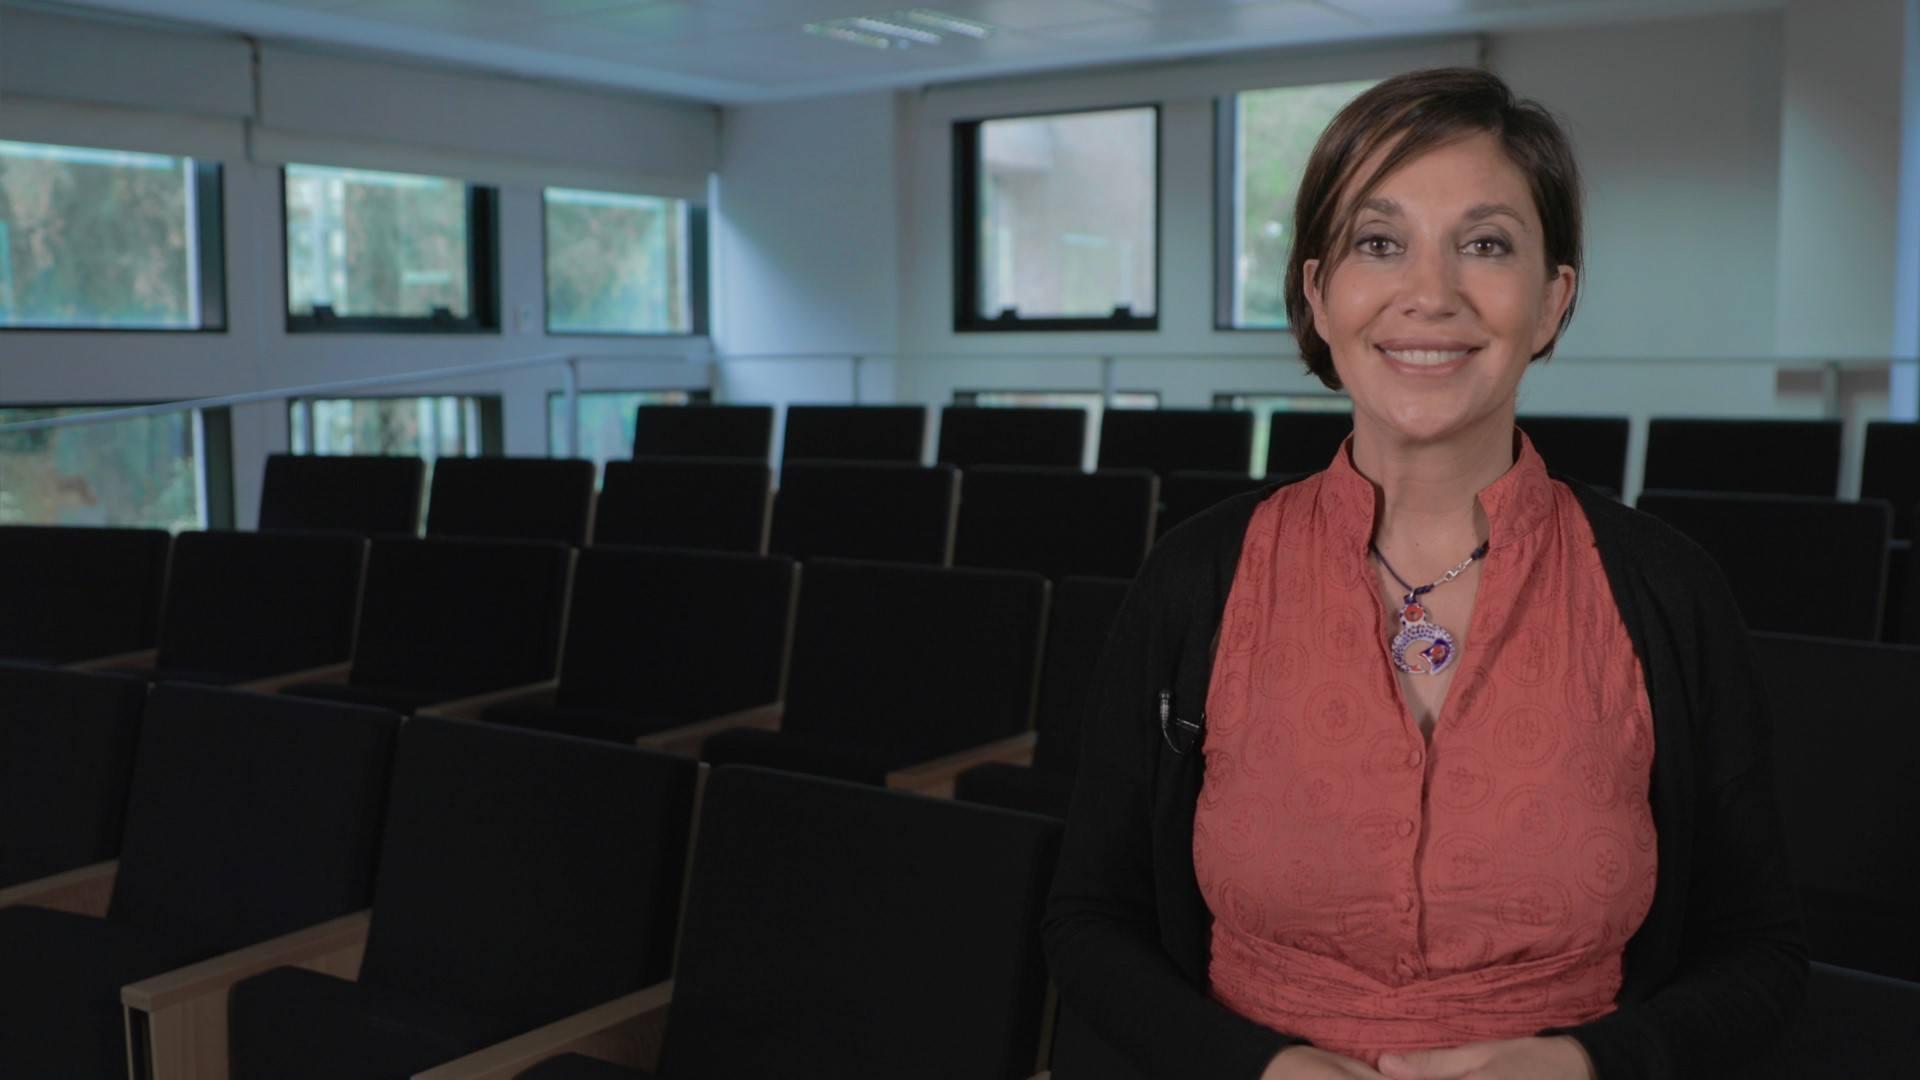 Deborah Martín, profesora del Curso de Formación Permanente en Metodologías activas e Innovación educativa